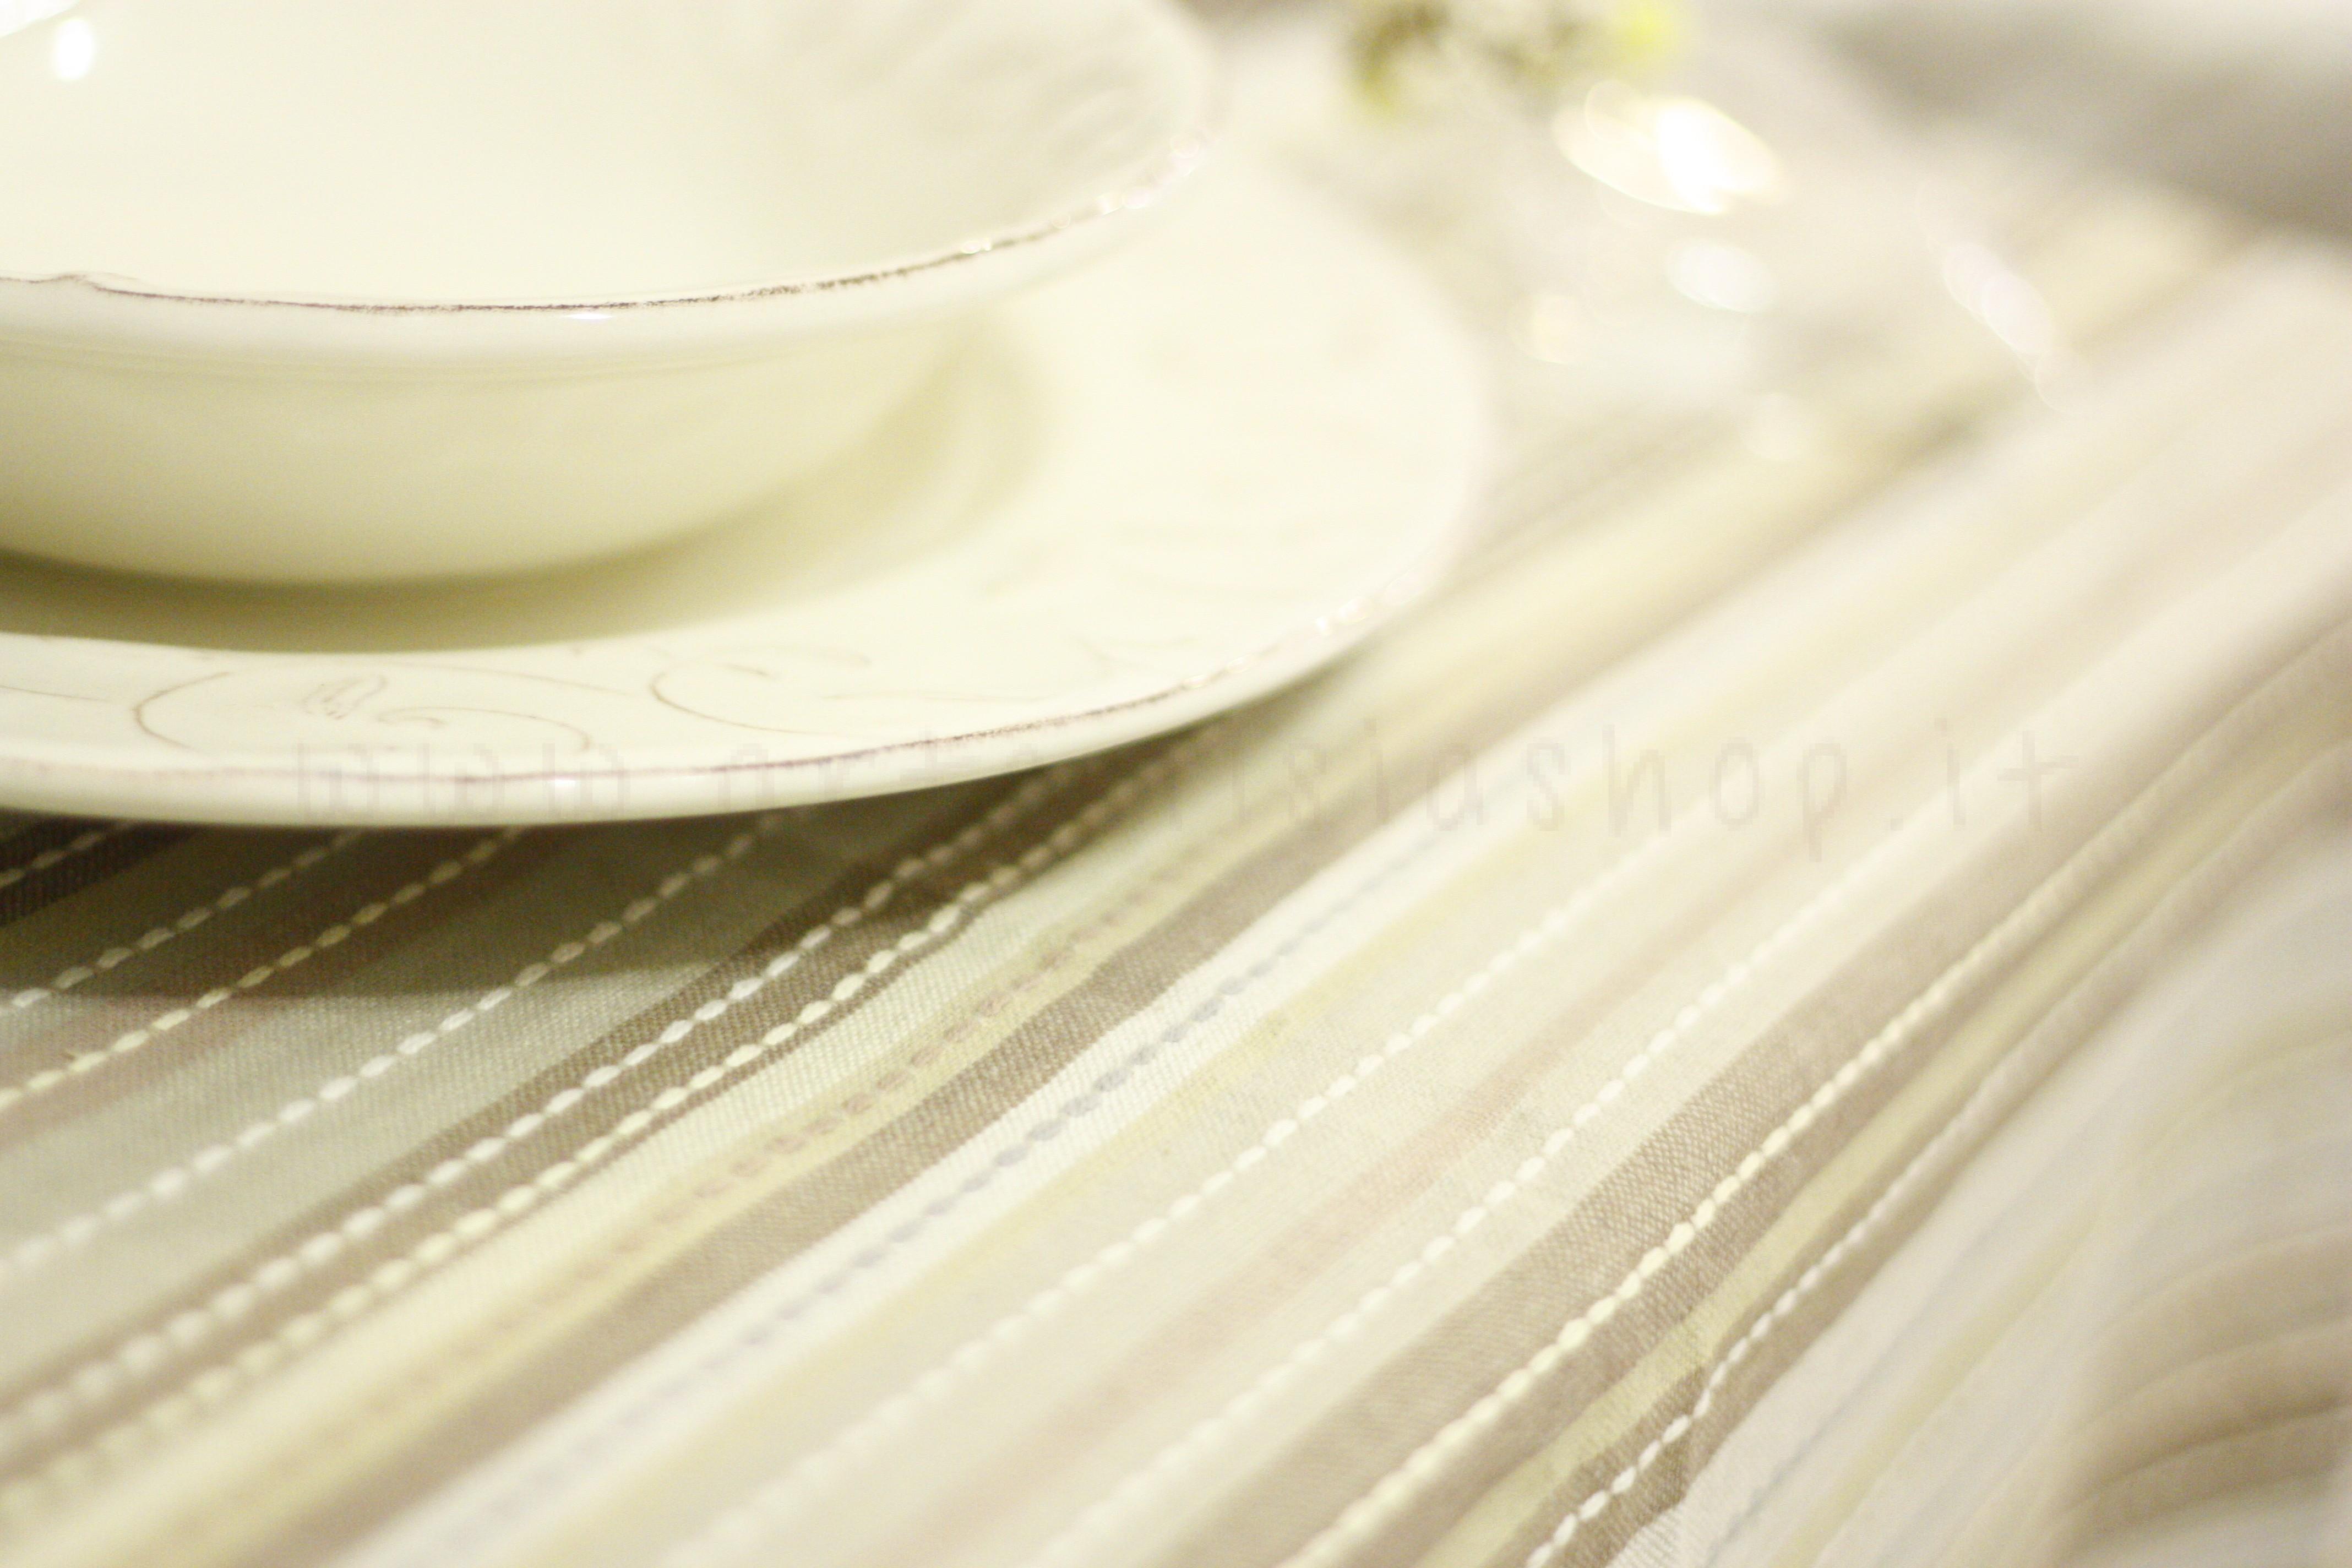 Tovaglia in cotone tinto in filo rigato marrone beige artemisia